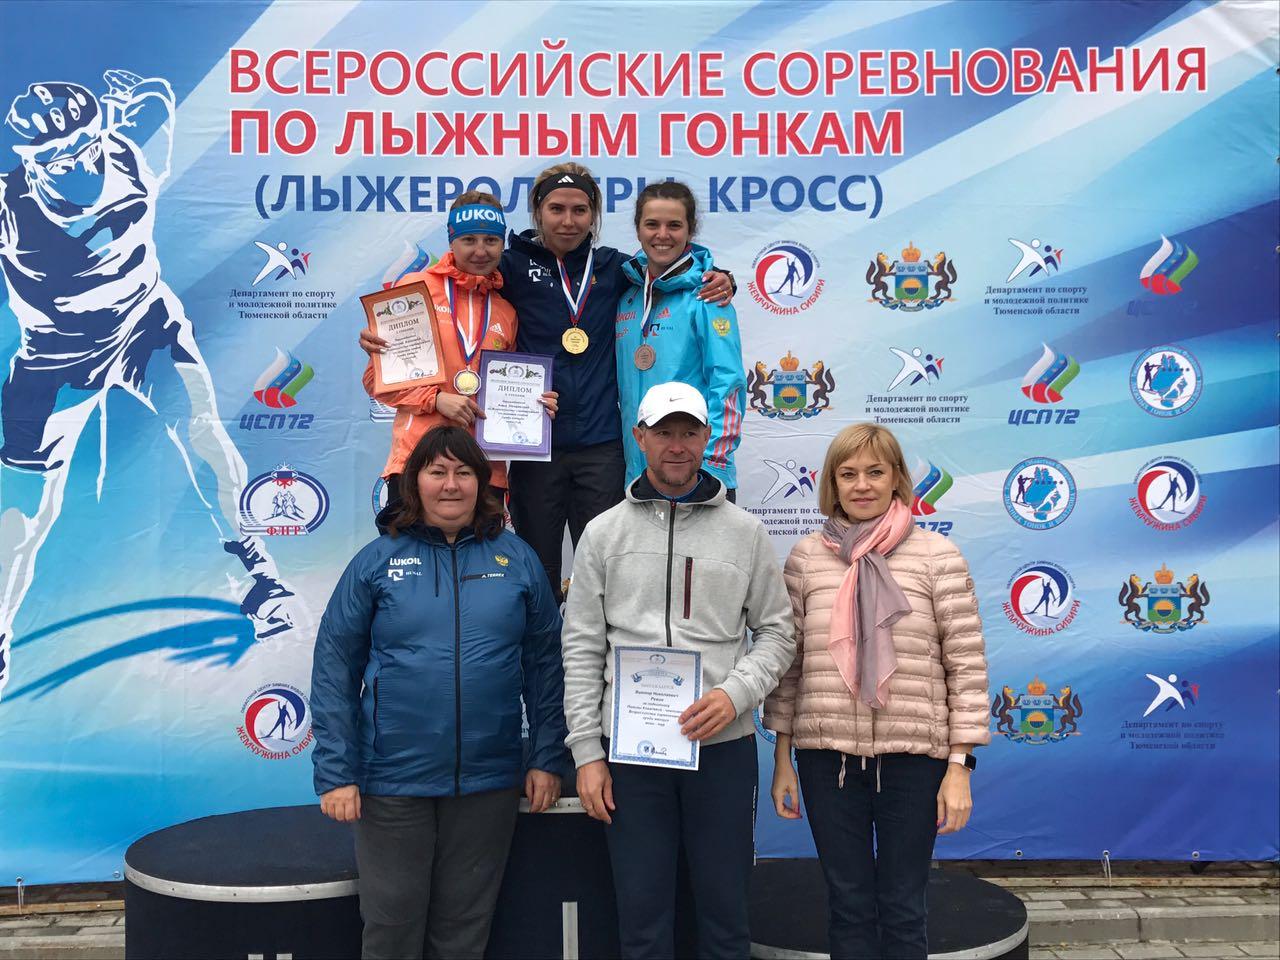 Награждение провели олимпийские чемпионки Елена Вяльбе и Луиза Носкова. Также был награжден тренер победительницы Виктор Ревин.